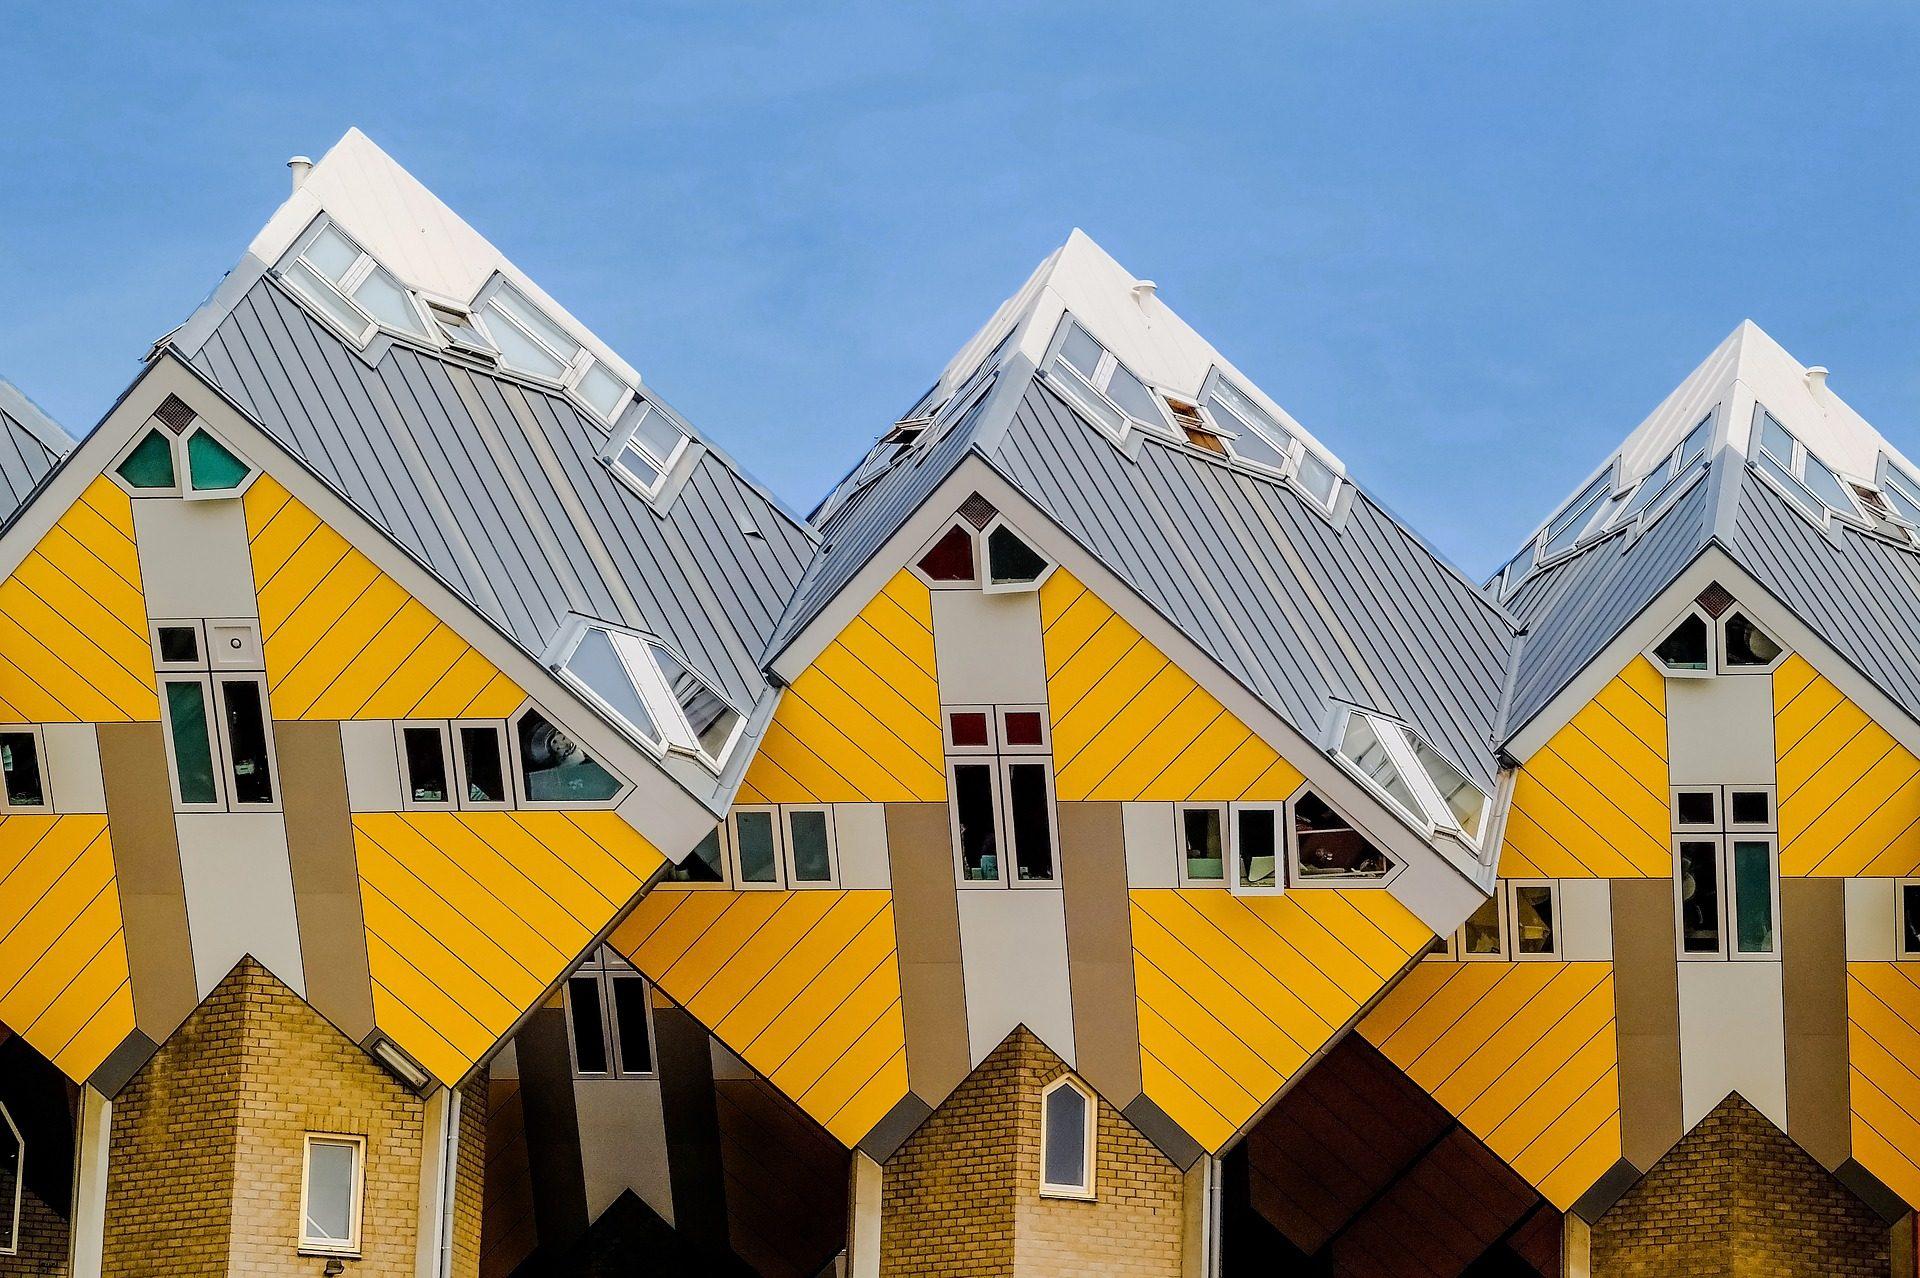 住宅, アーキテクチャ, モダンです, キューブ, 屋根 - HD の壁紙 - 教授-falken.com